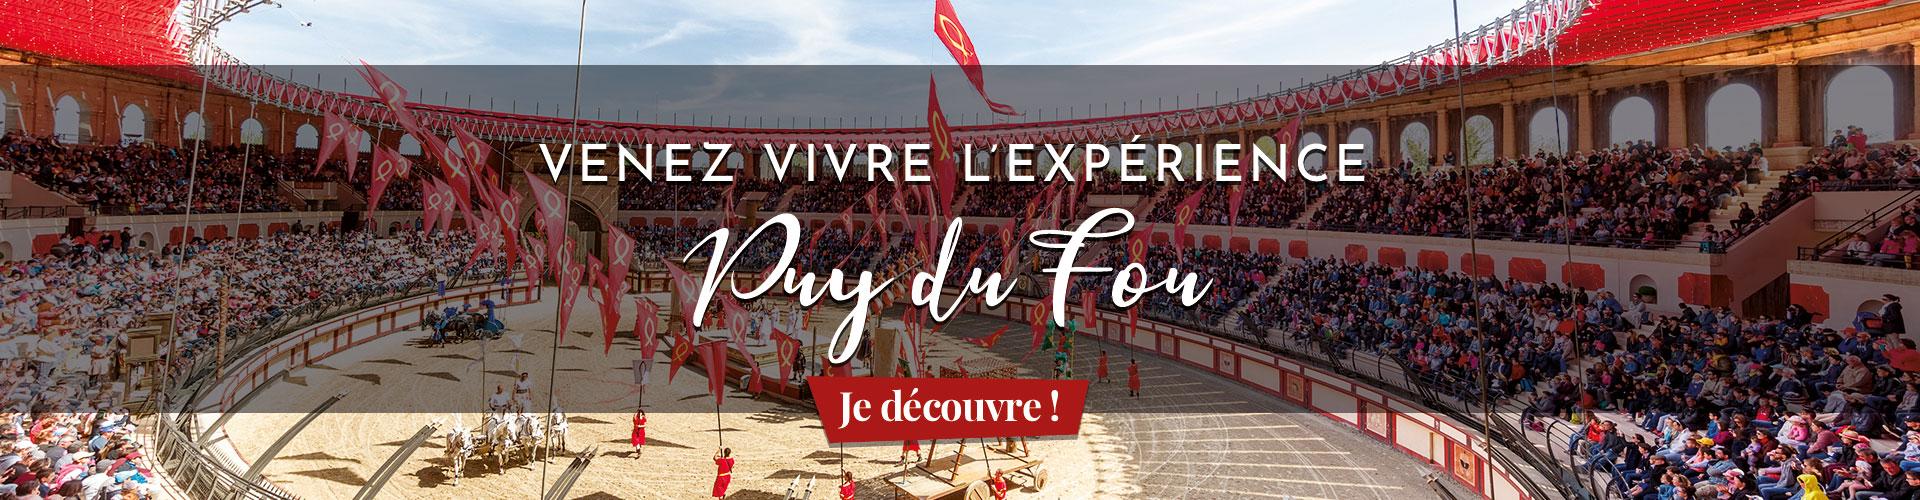 Venez vivre l'expérience Puy du Fou !